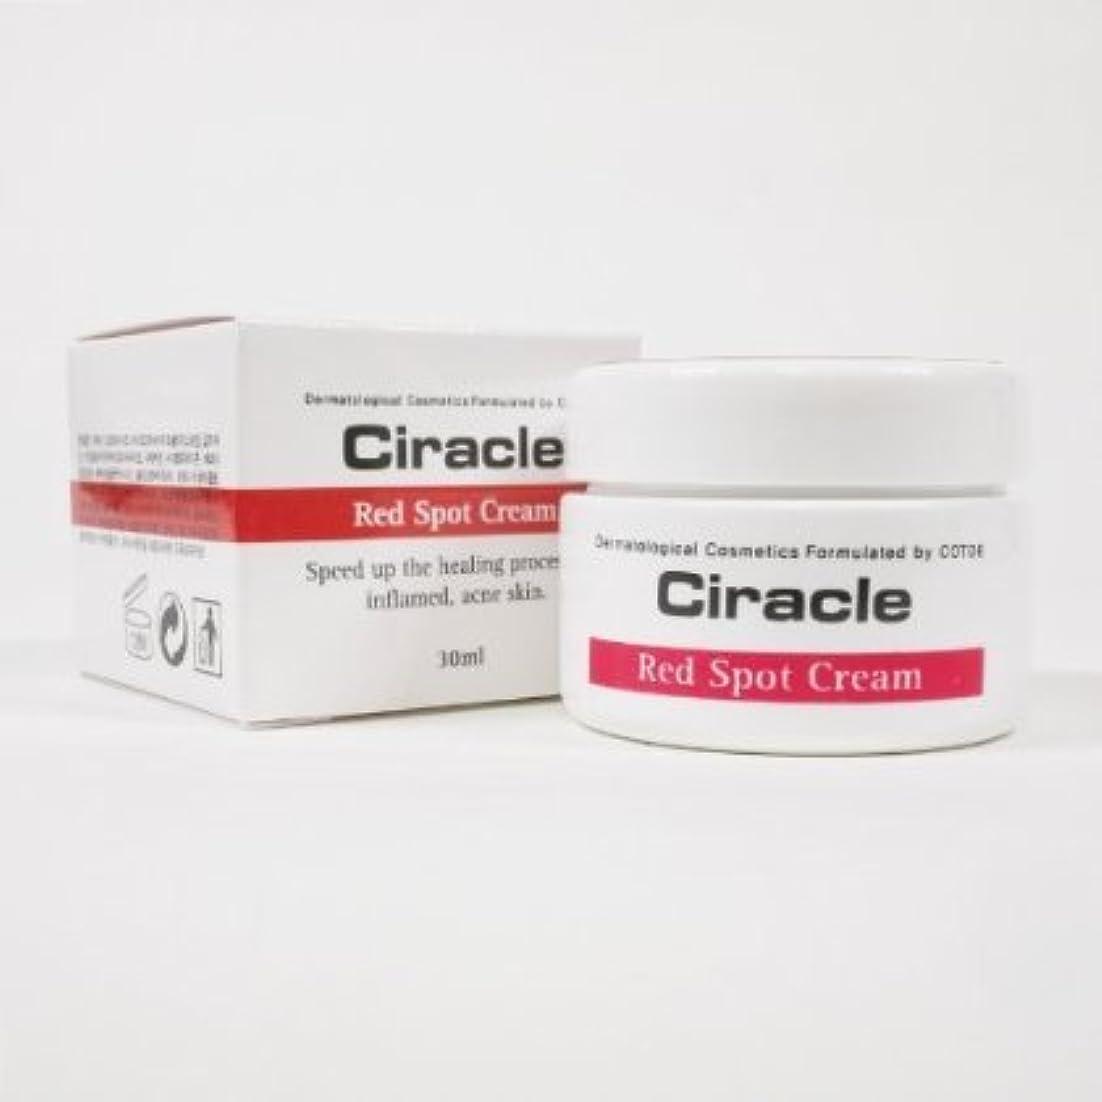 評価するビヨンテロCiracle レッド スポット クリーム /Red Spot Cream (30ml )